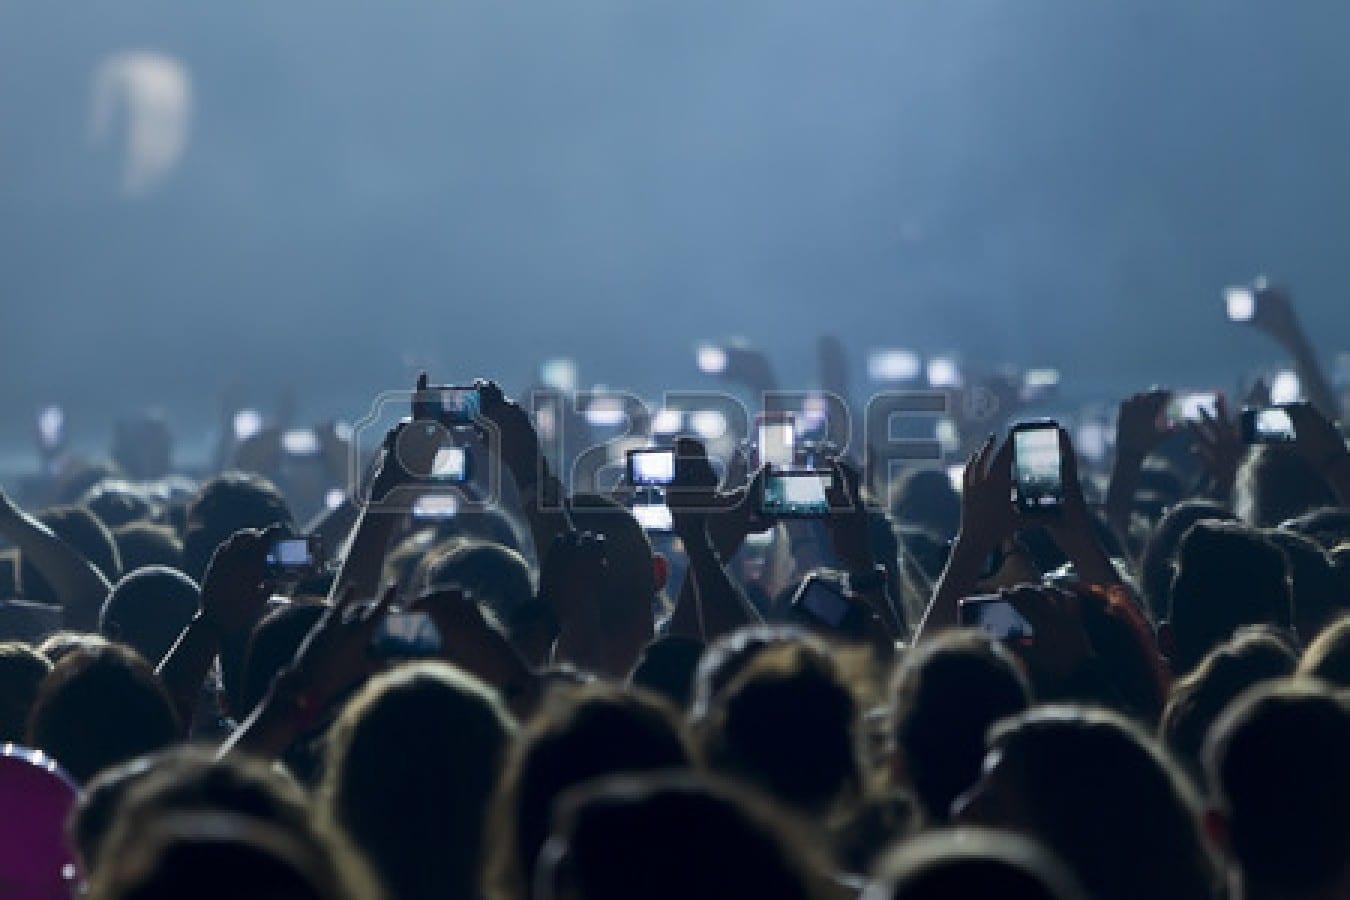 28230565-les-personnes-qui-prennent-des-photos-avec-telephone-tactile-intelligent-pendant-un-concert-public-d